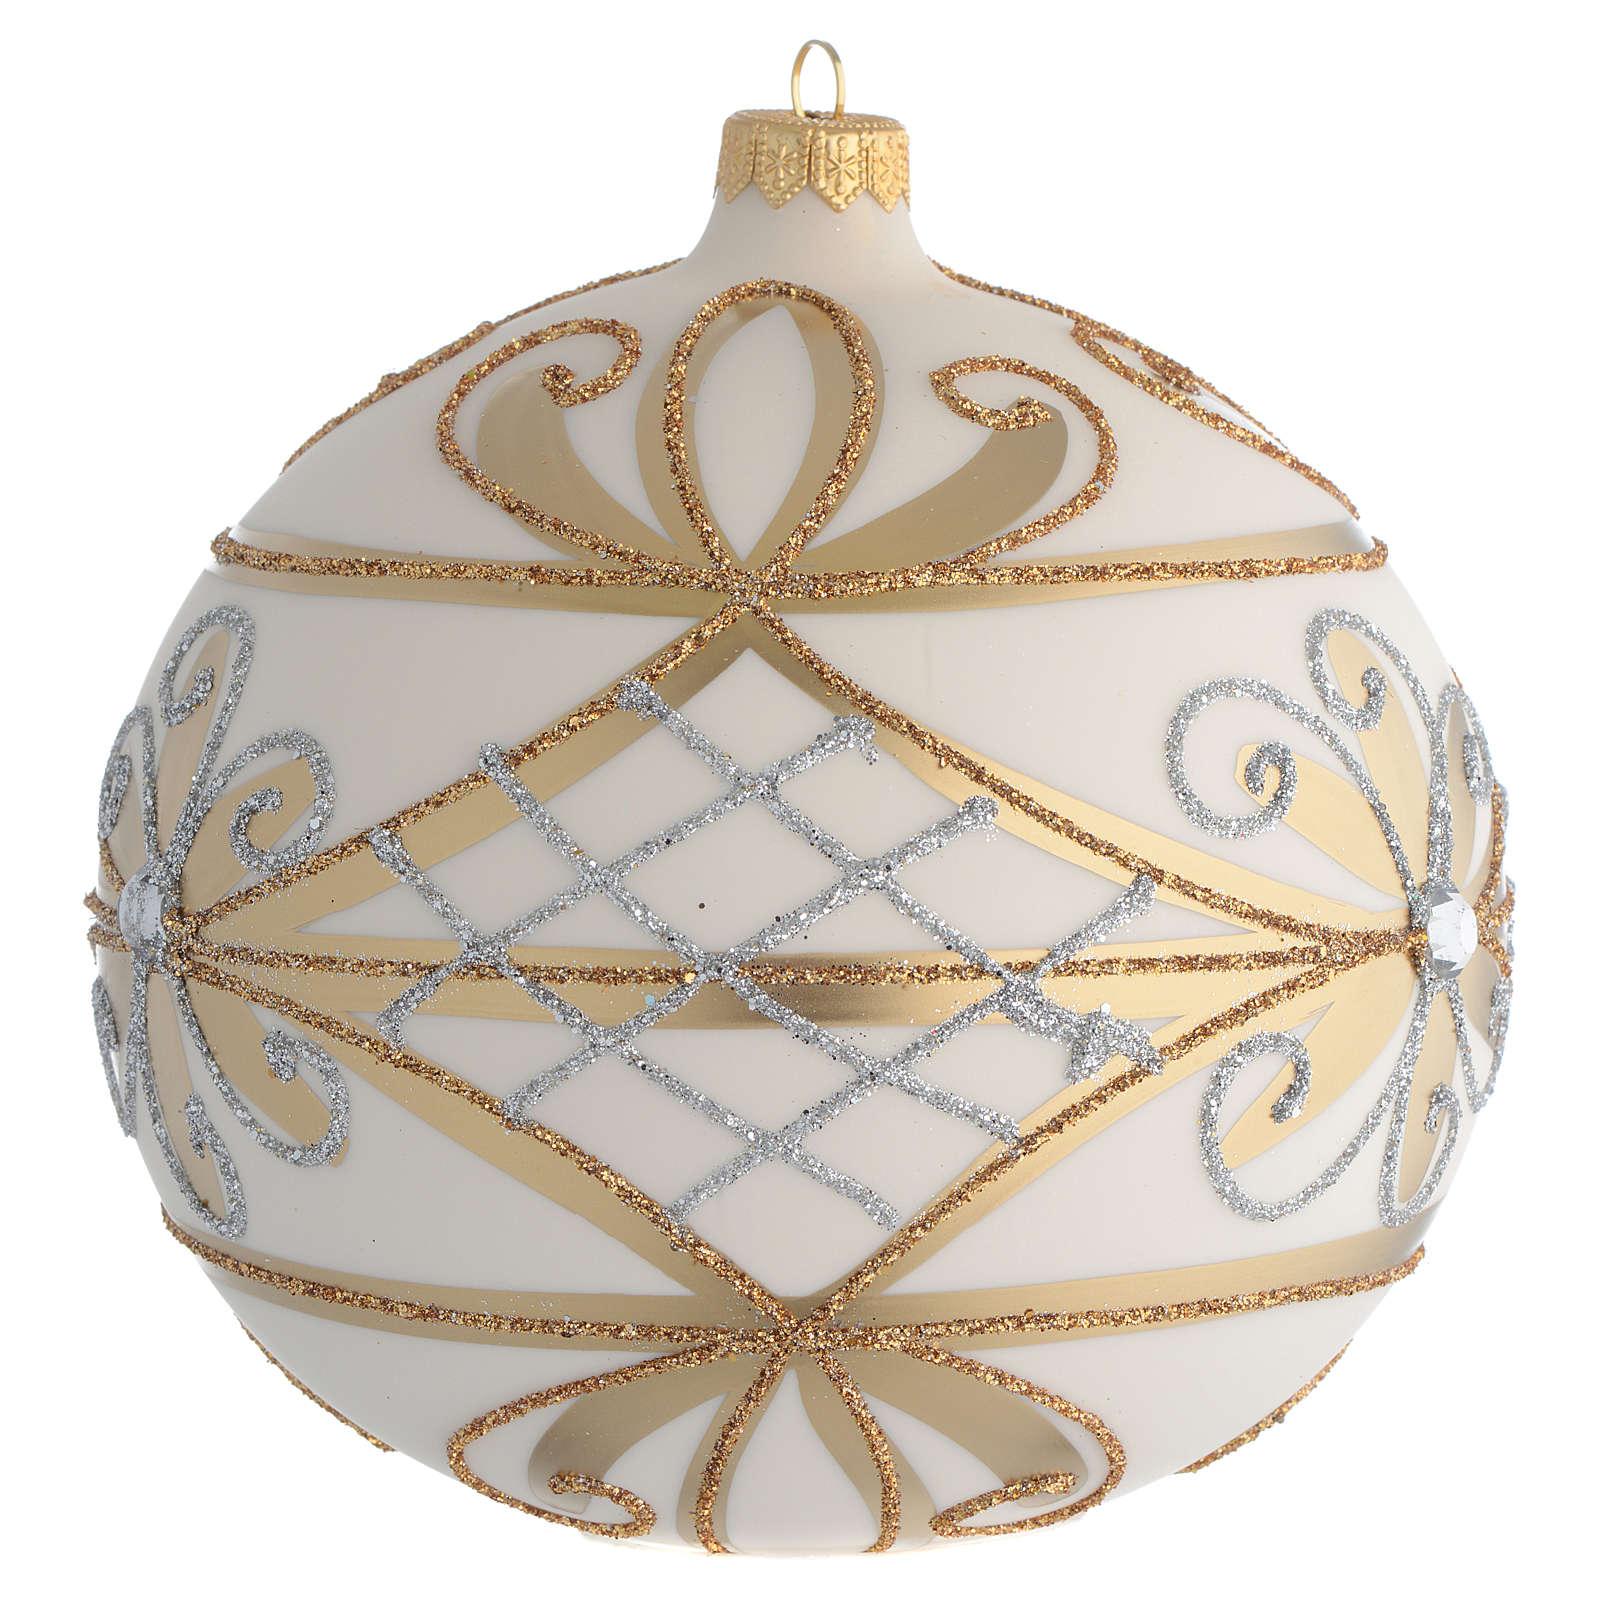 Palla addobbo Natale Panna oro fiori argento 150 mm 4